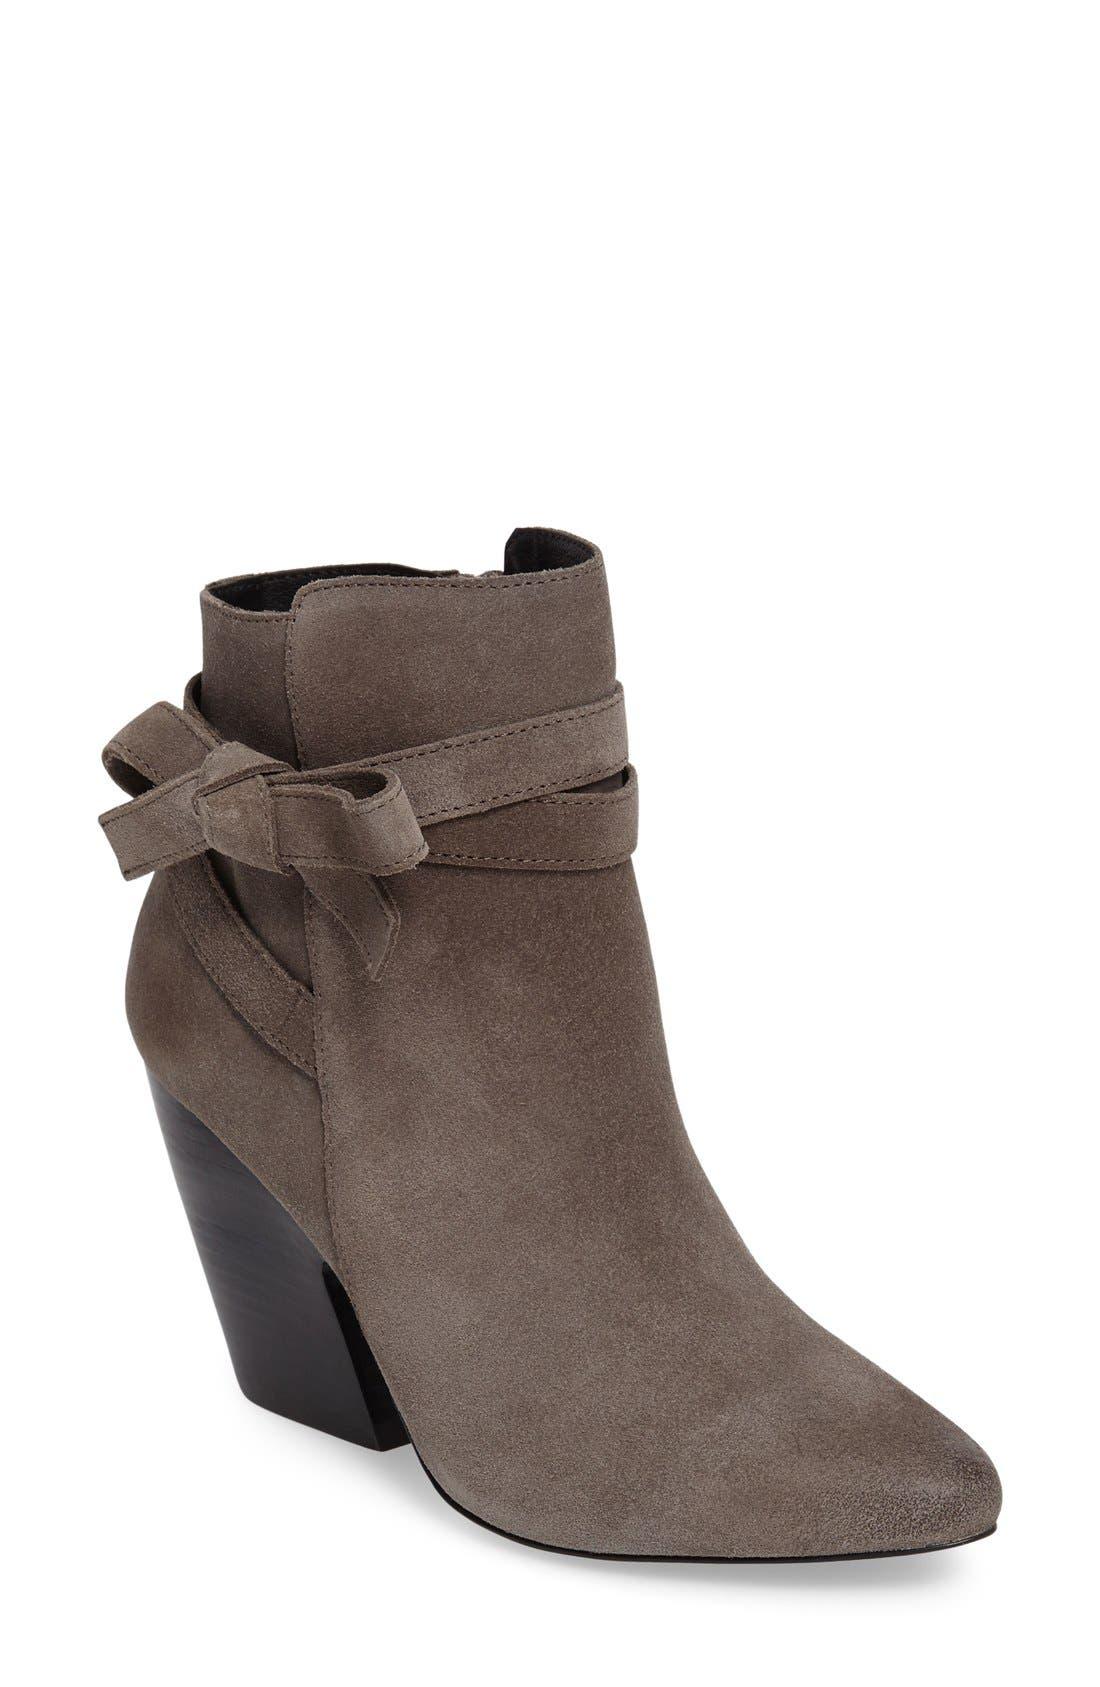 Main Image - Pelle Moda Jax Block Heel Bootie (Women)